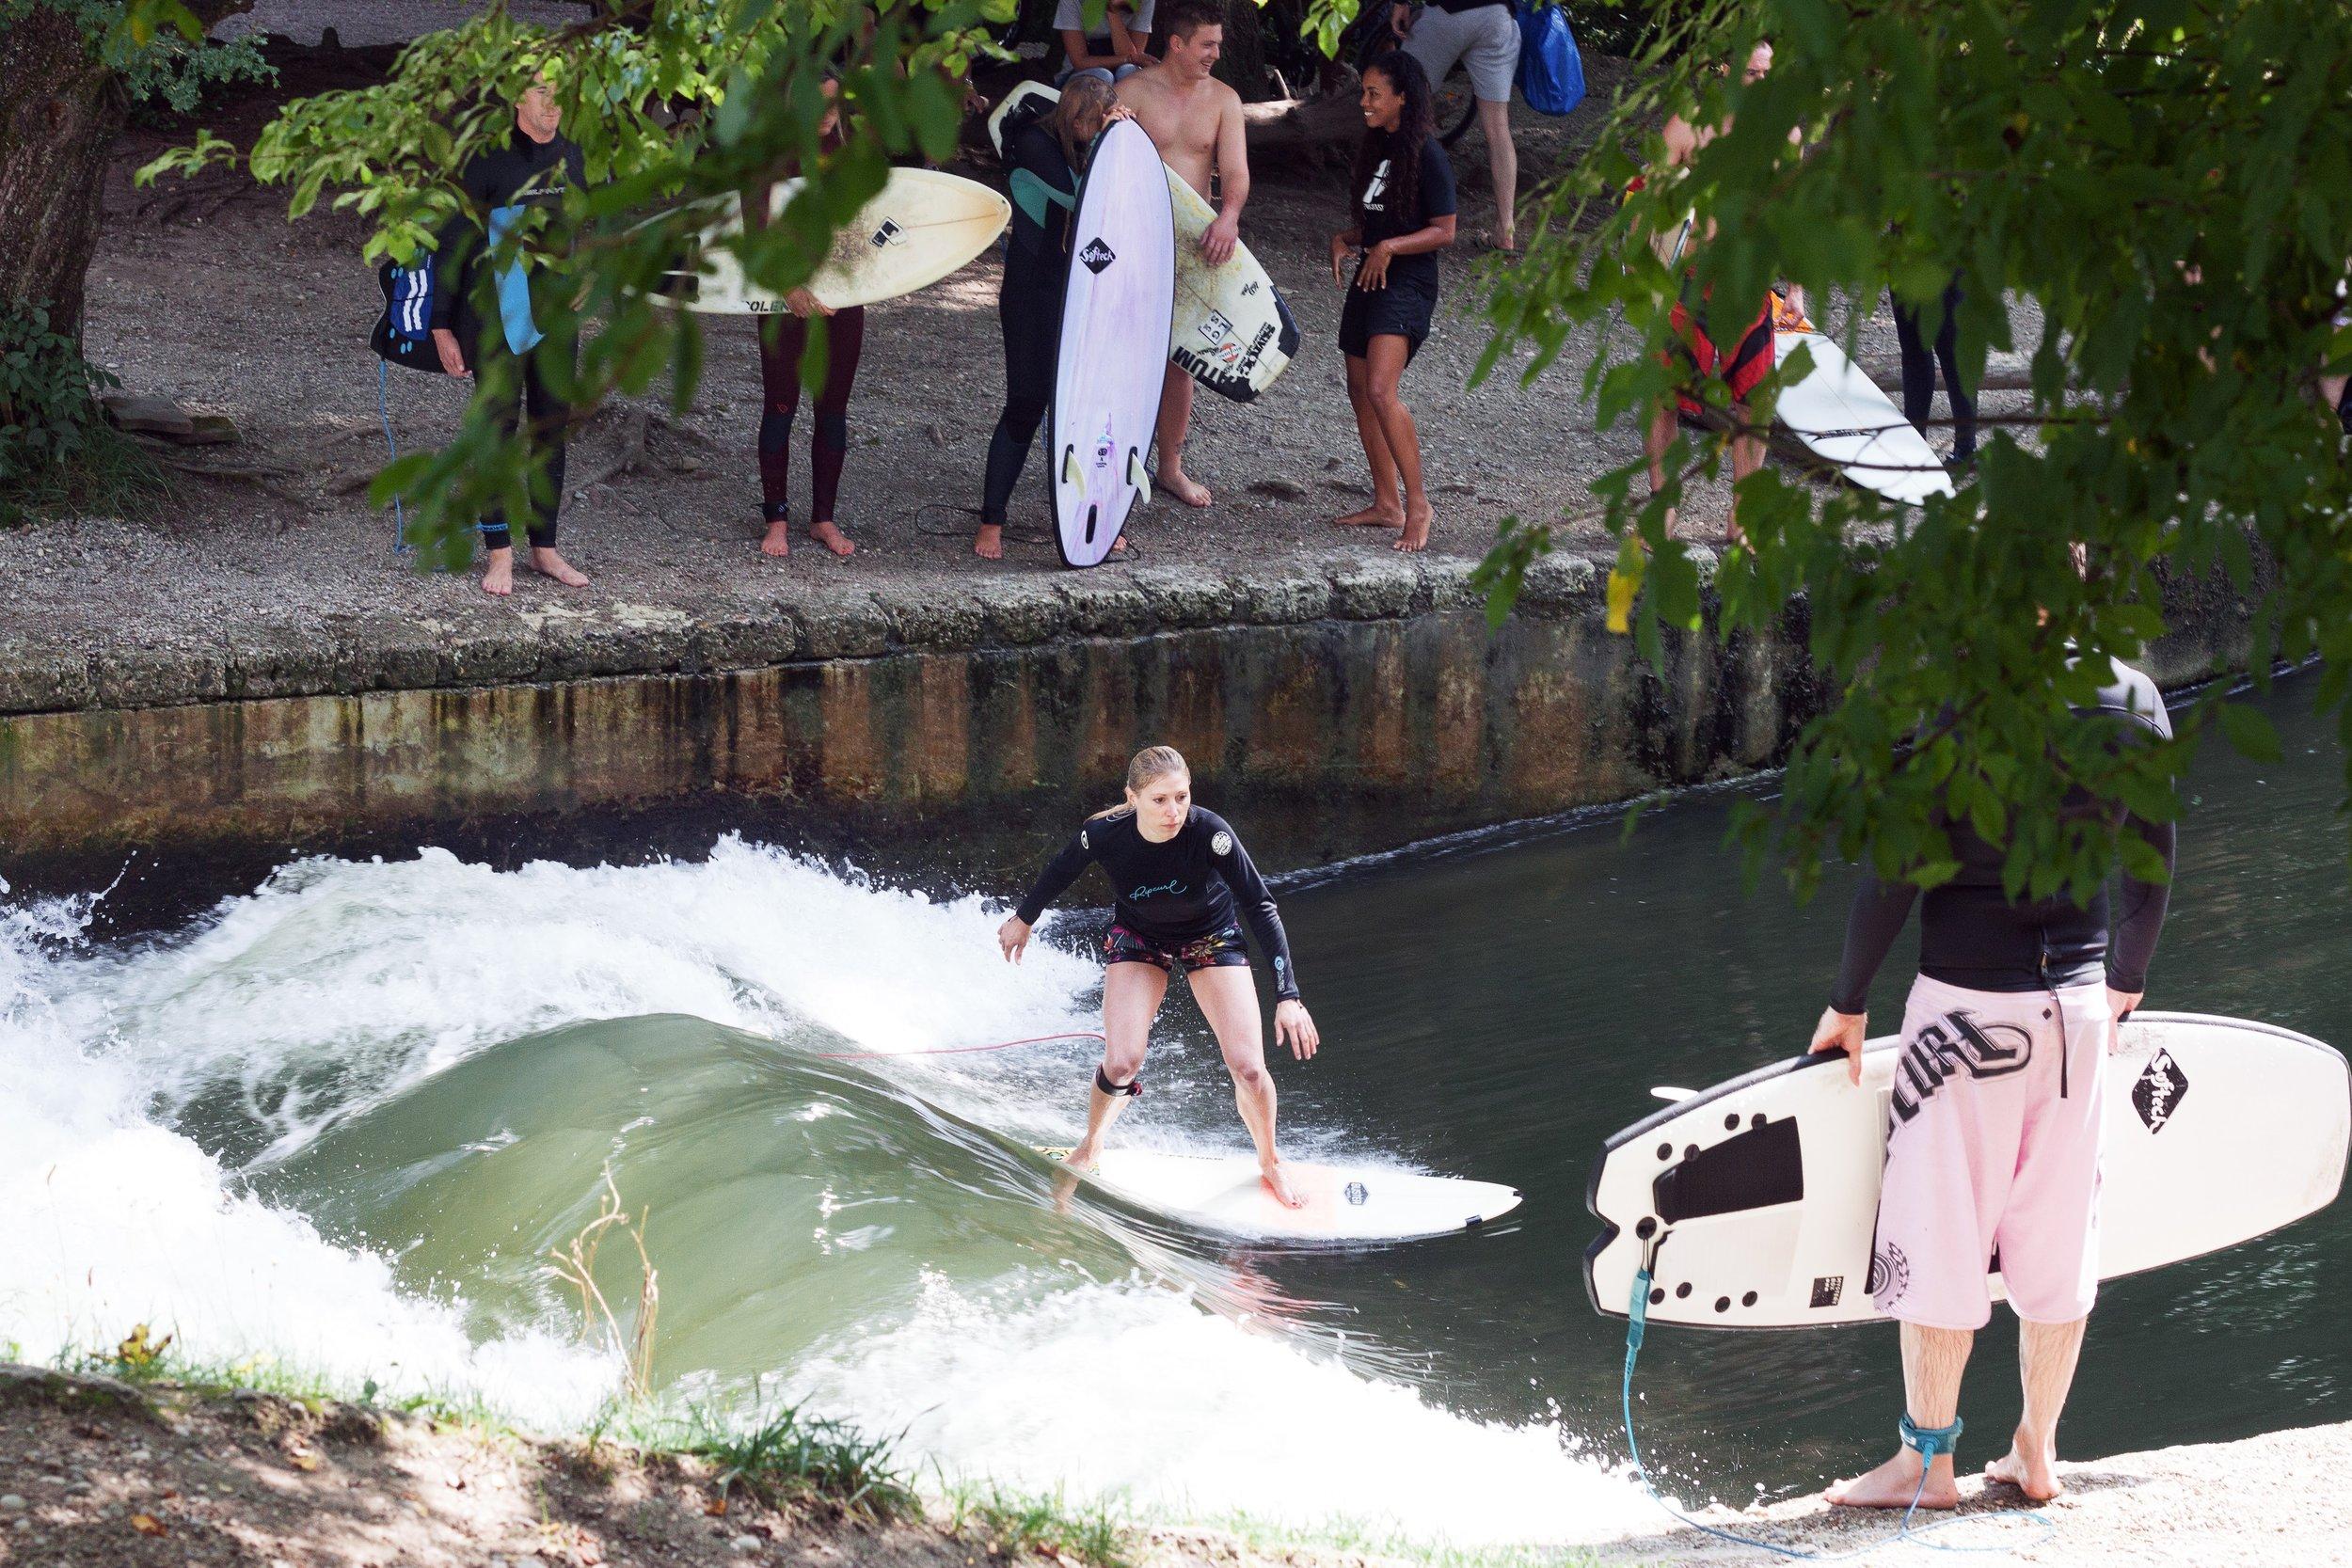 Ein Treffpunkt für alle: Surfen an der Floßlände in München